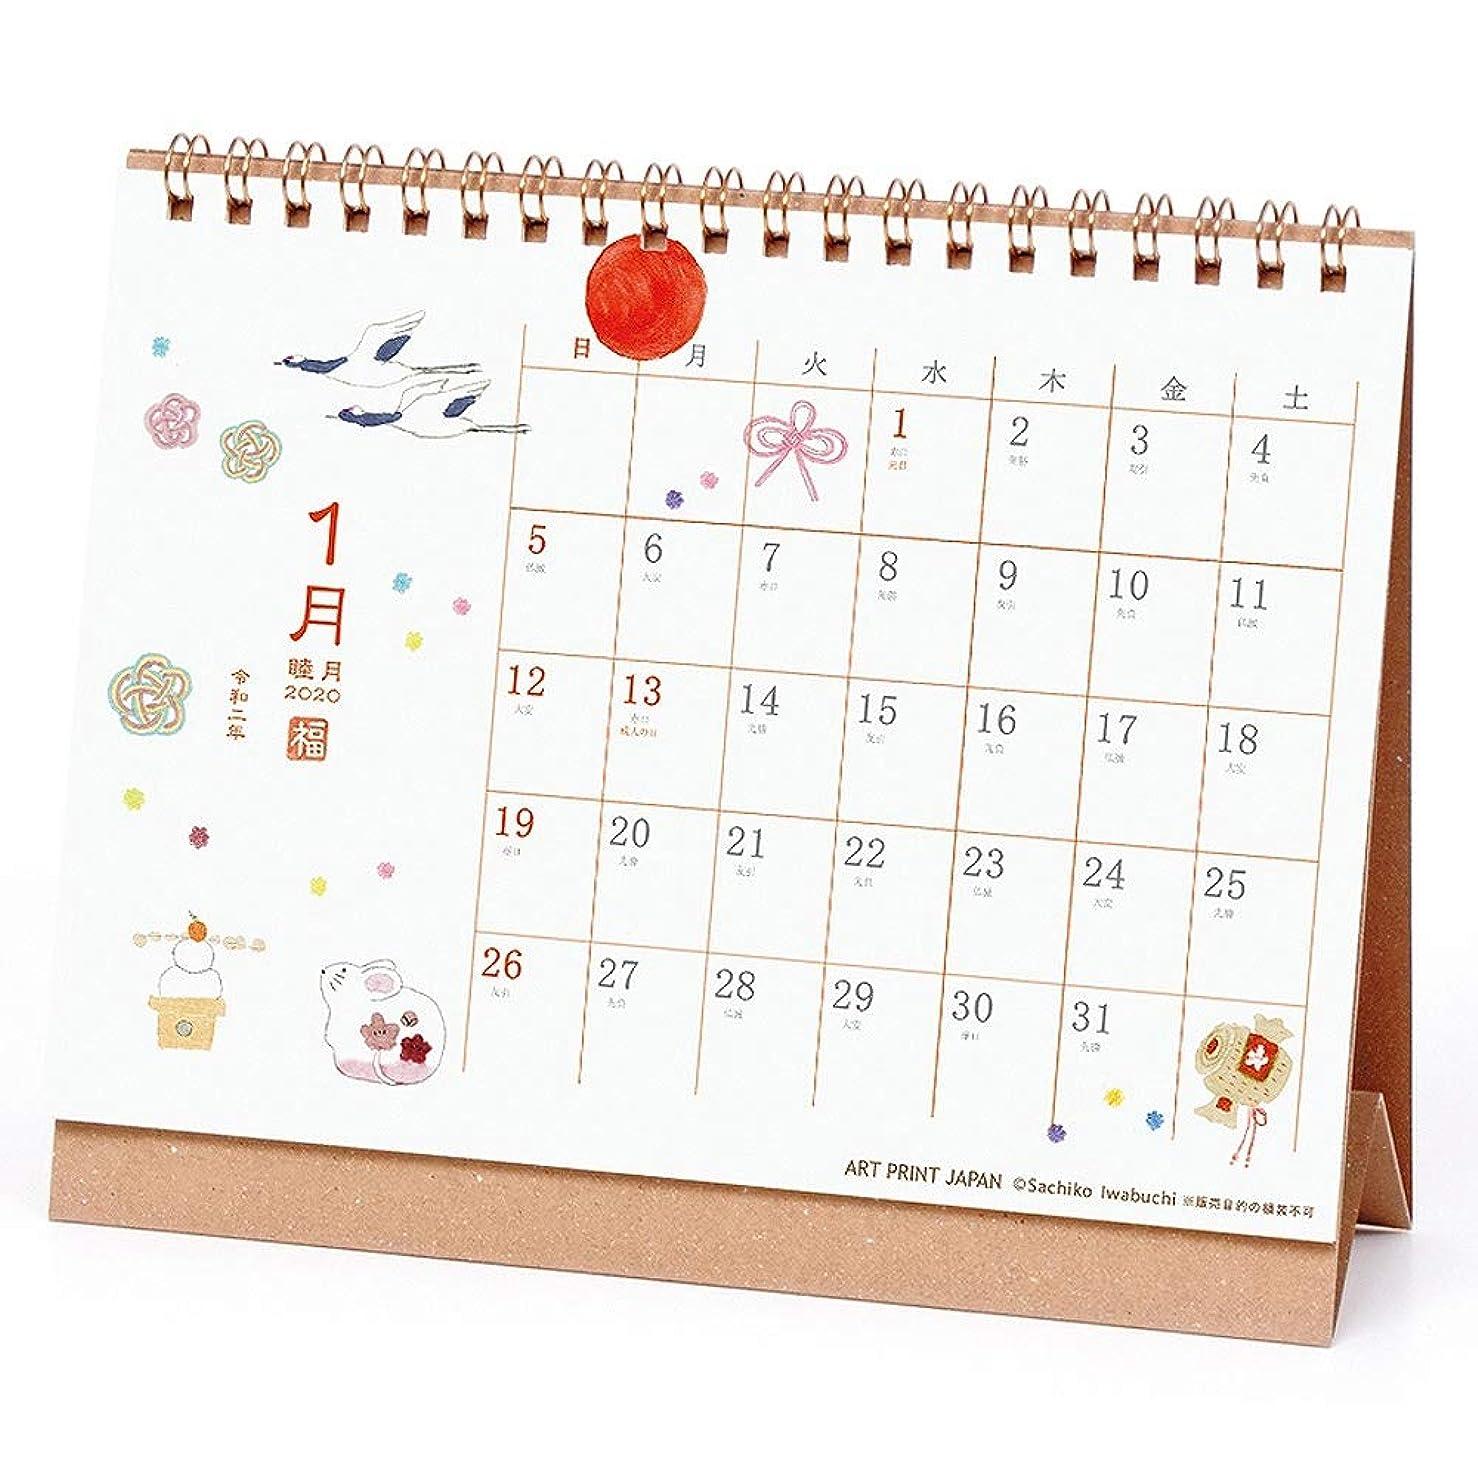 ビジネスシンク評論家アートプリントジャパン 2020年 いわぶちさちこ和風(卓上)カレンダー vol.127 1000109341